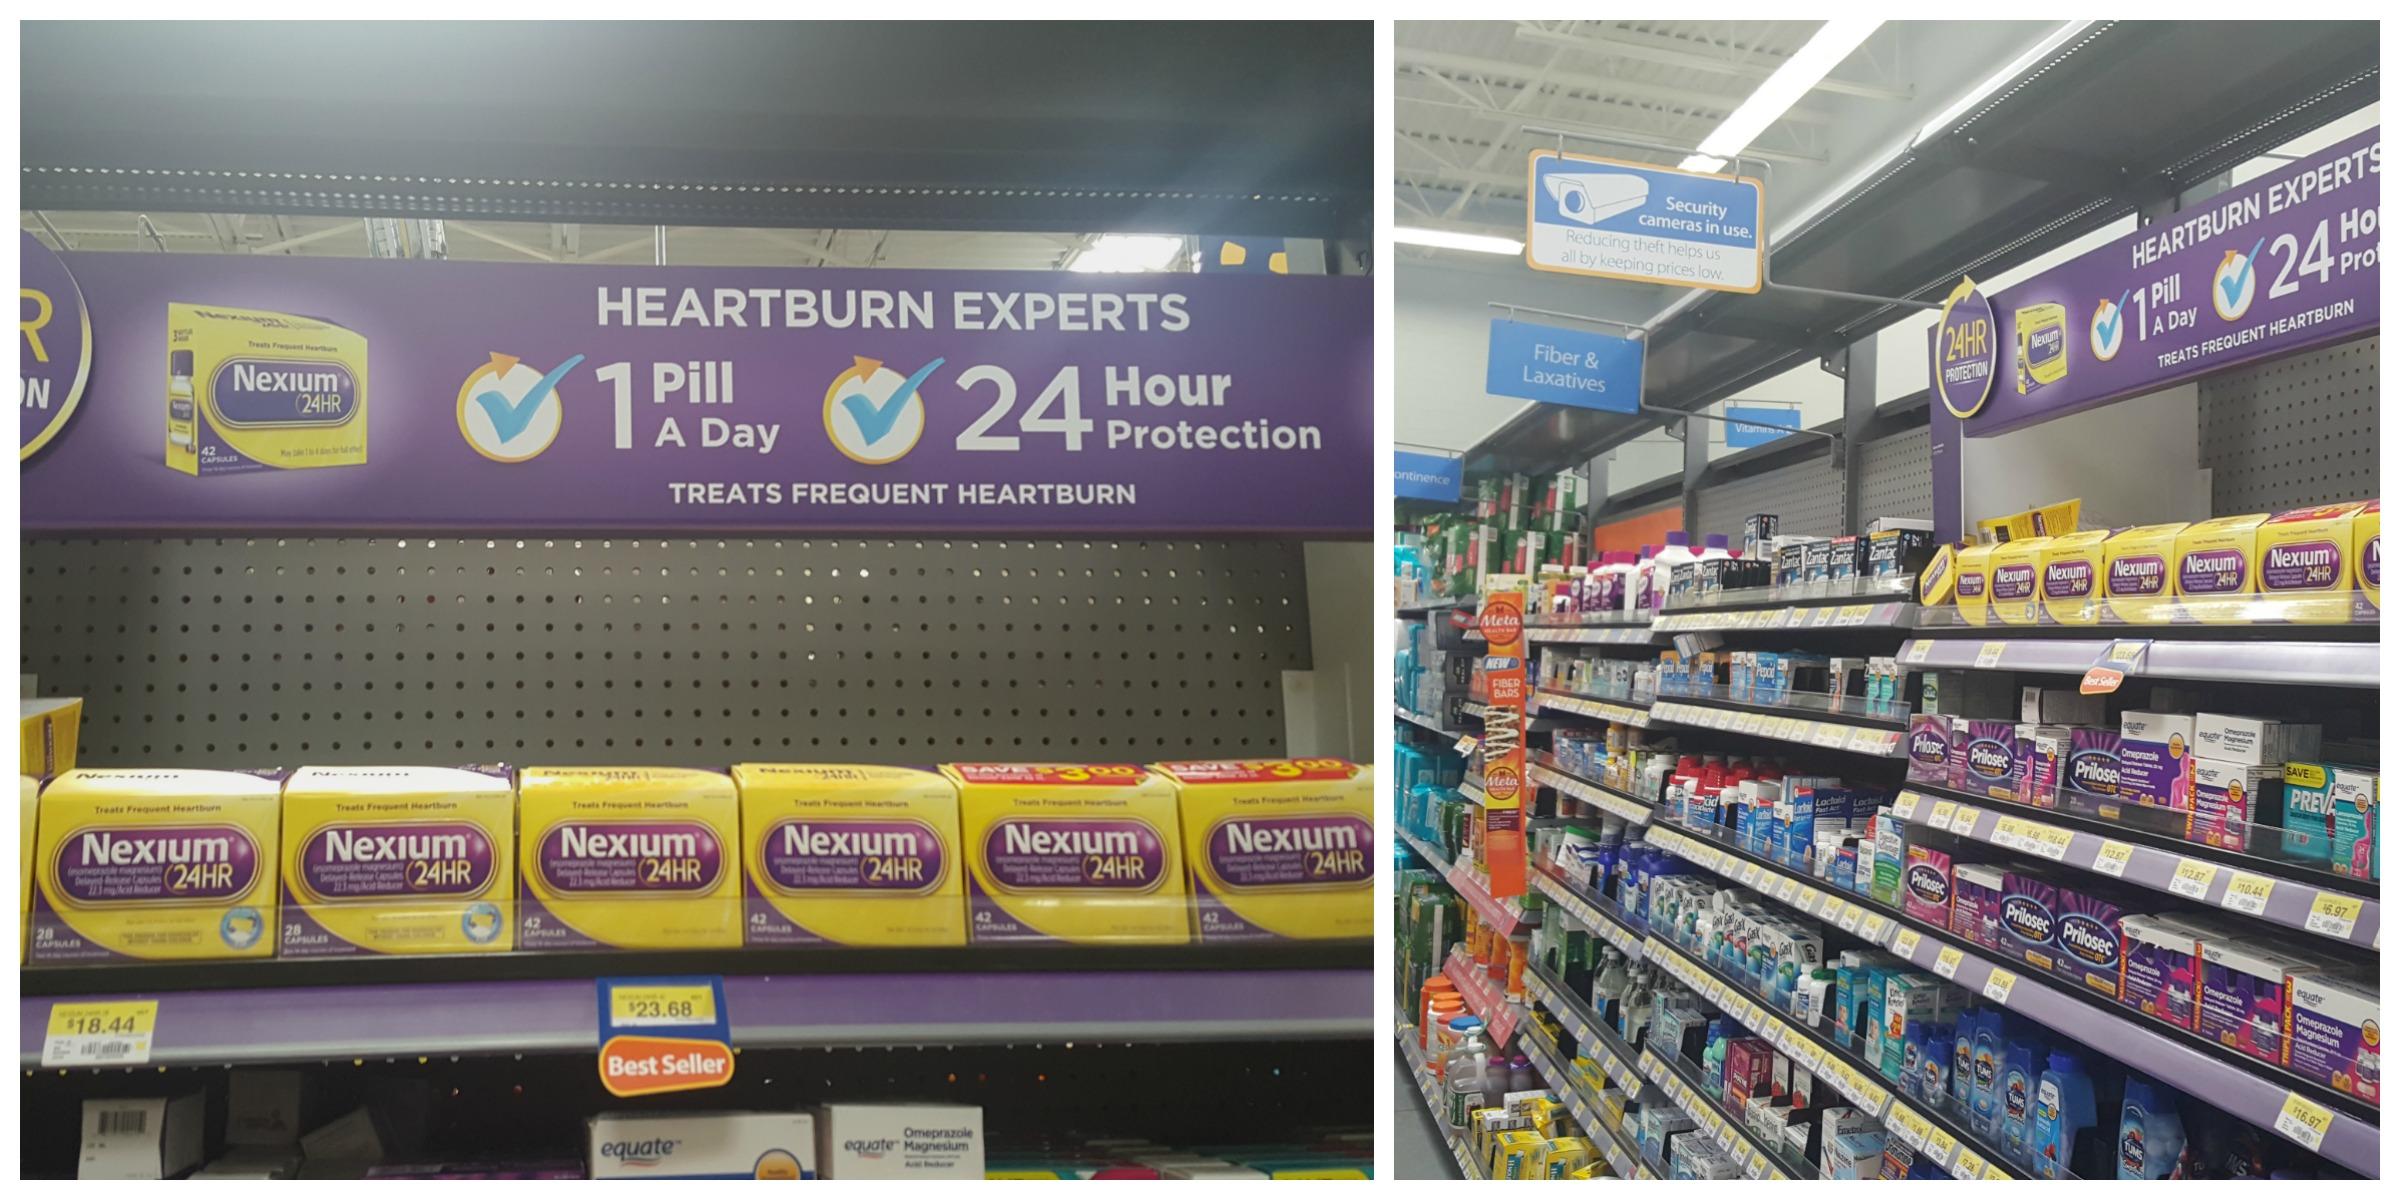 Nexium at Walmart